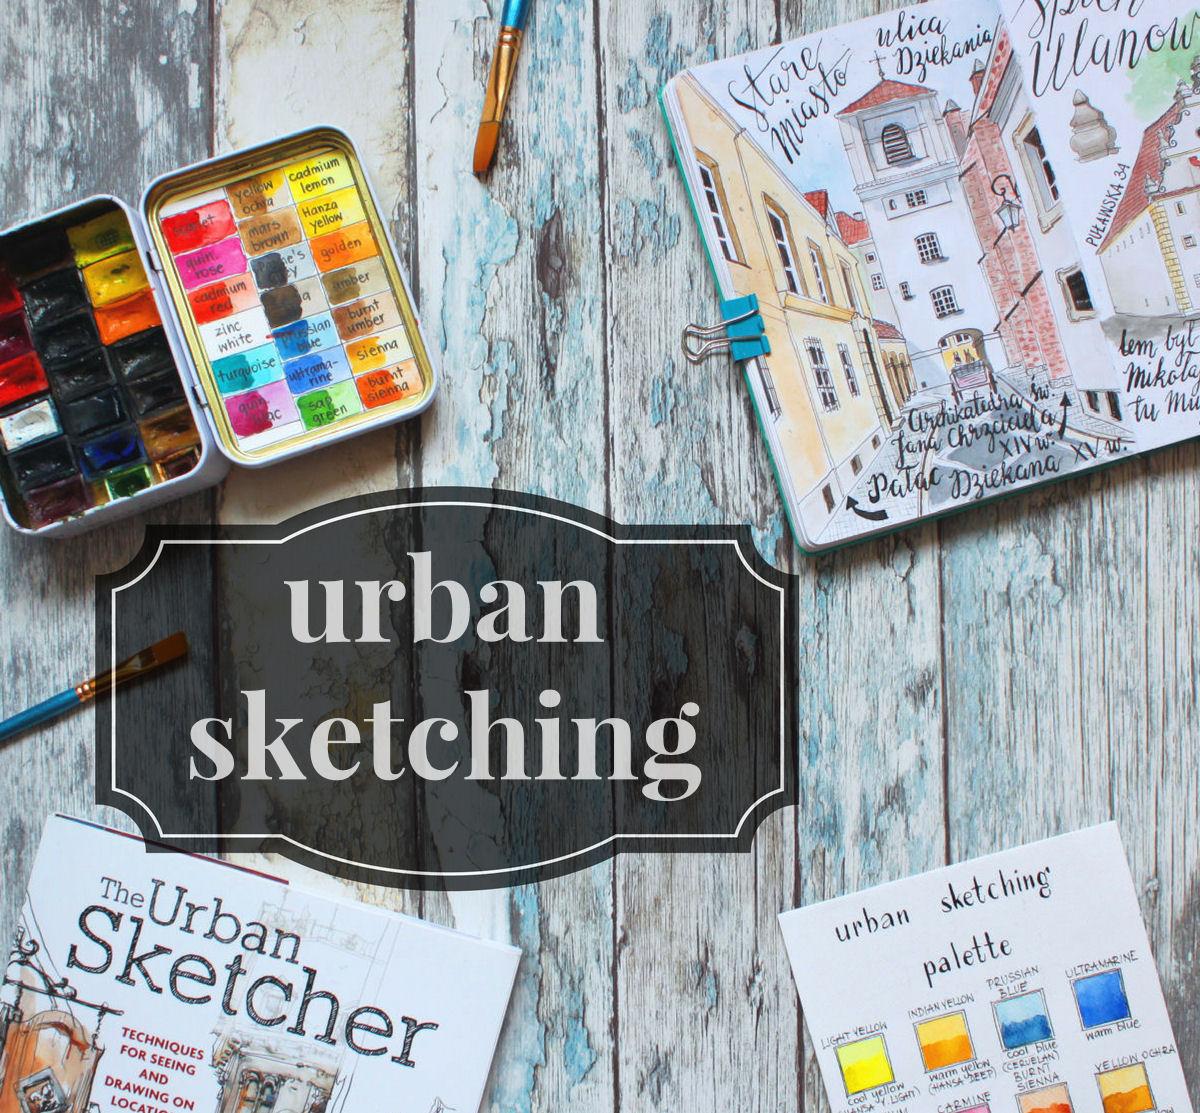 sierysuje.pl urban sketching miejskie rysowanie